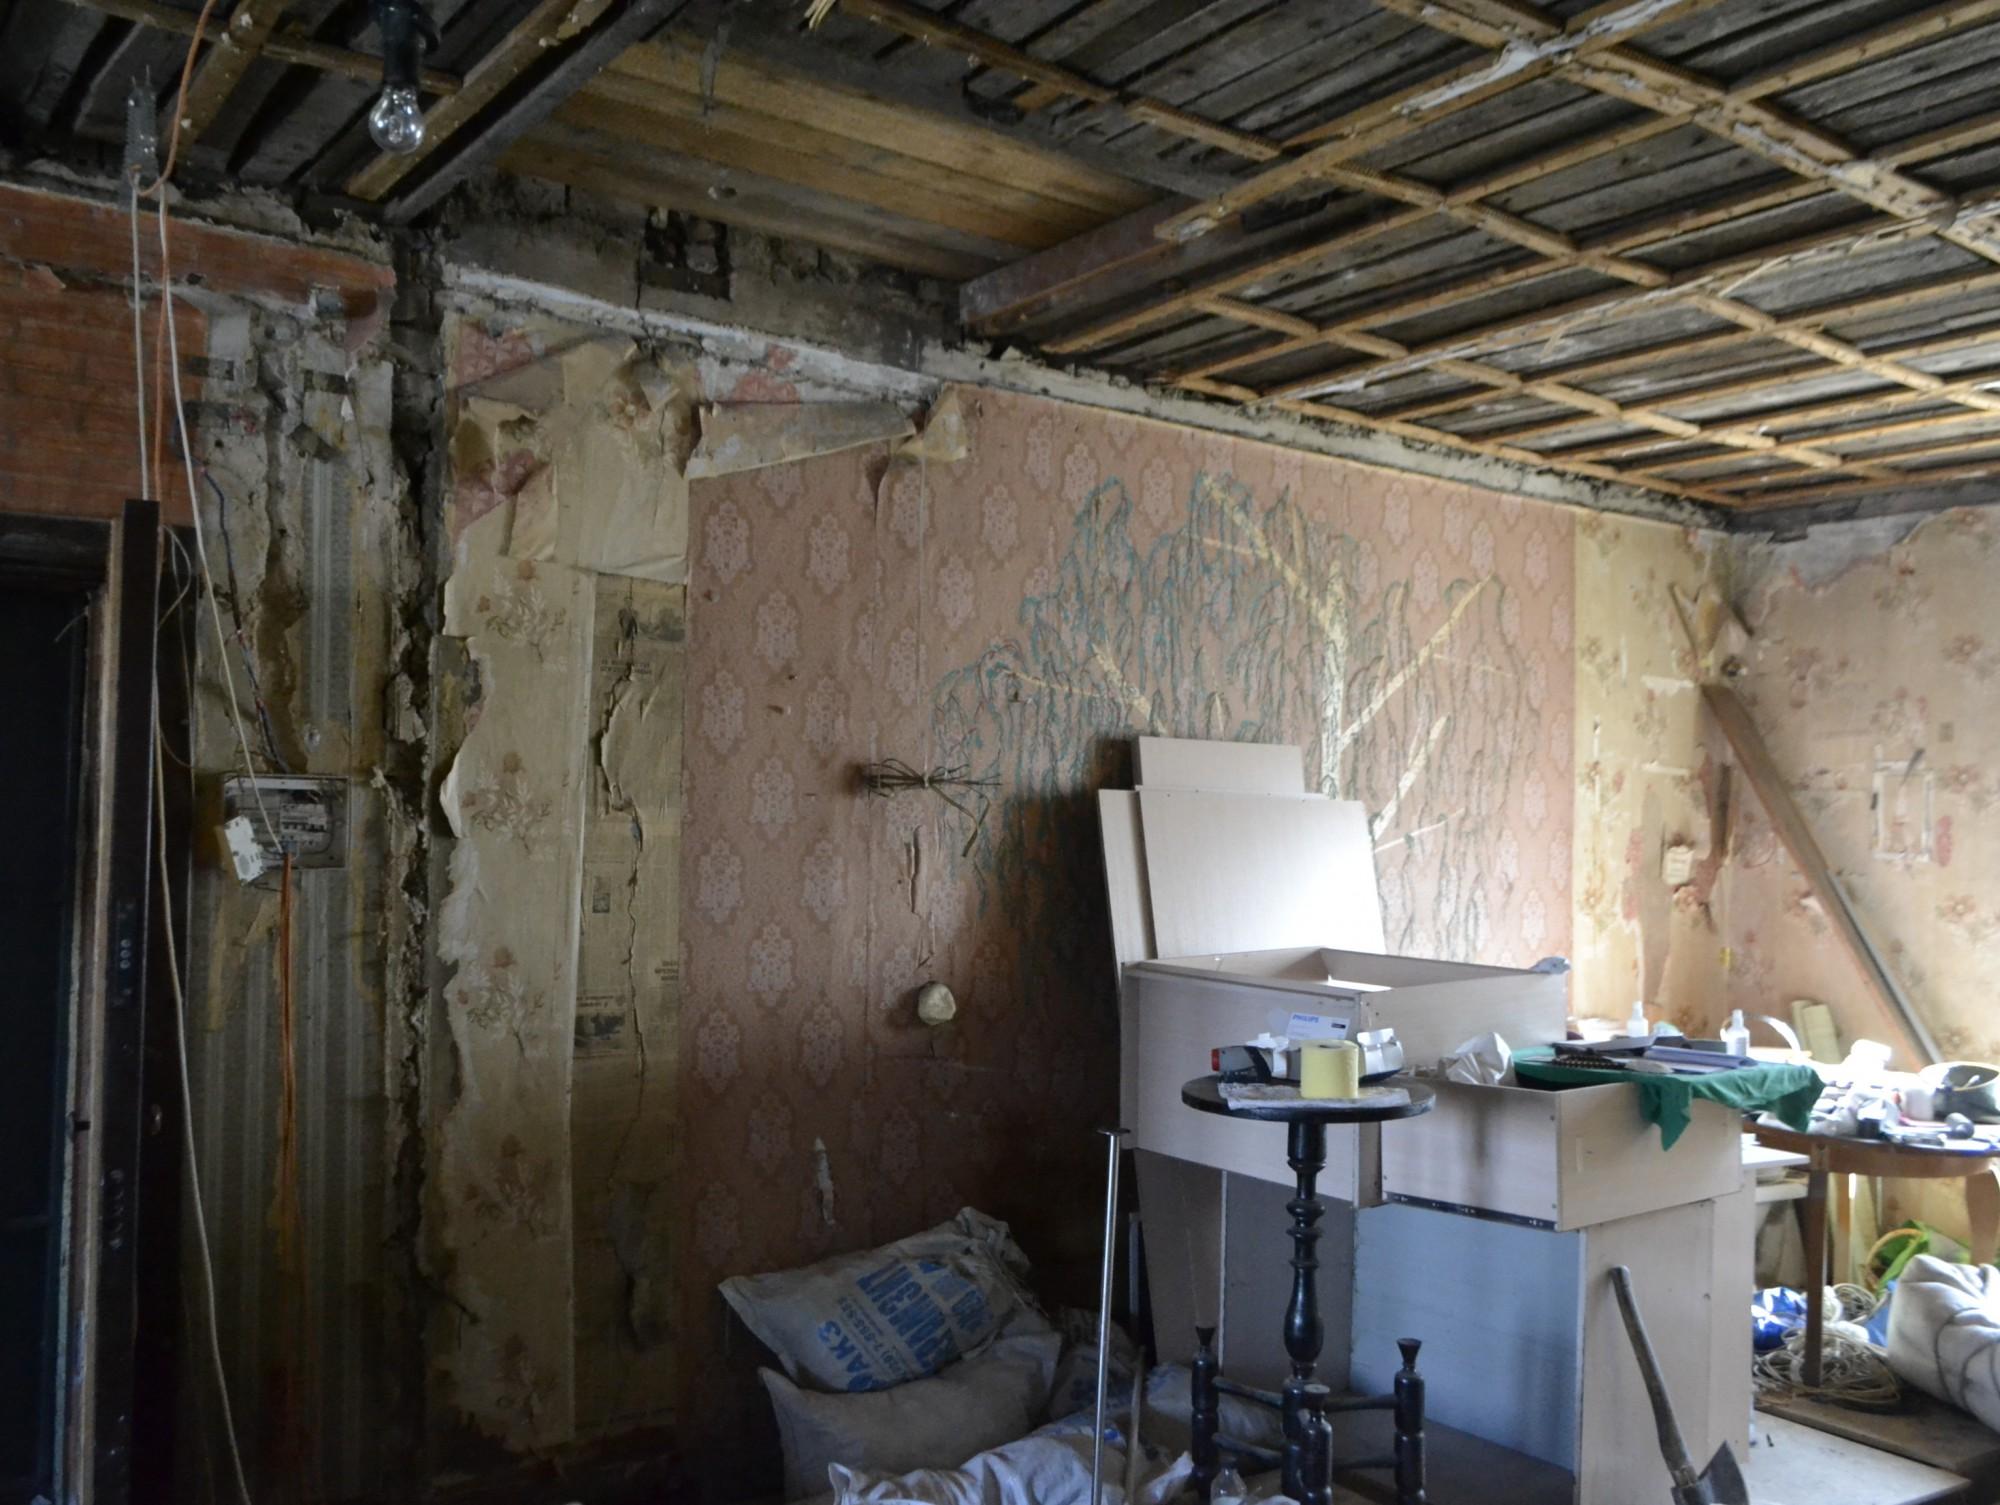 кто делает ремонт в муниципальной квартире